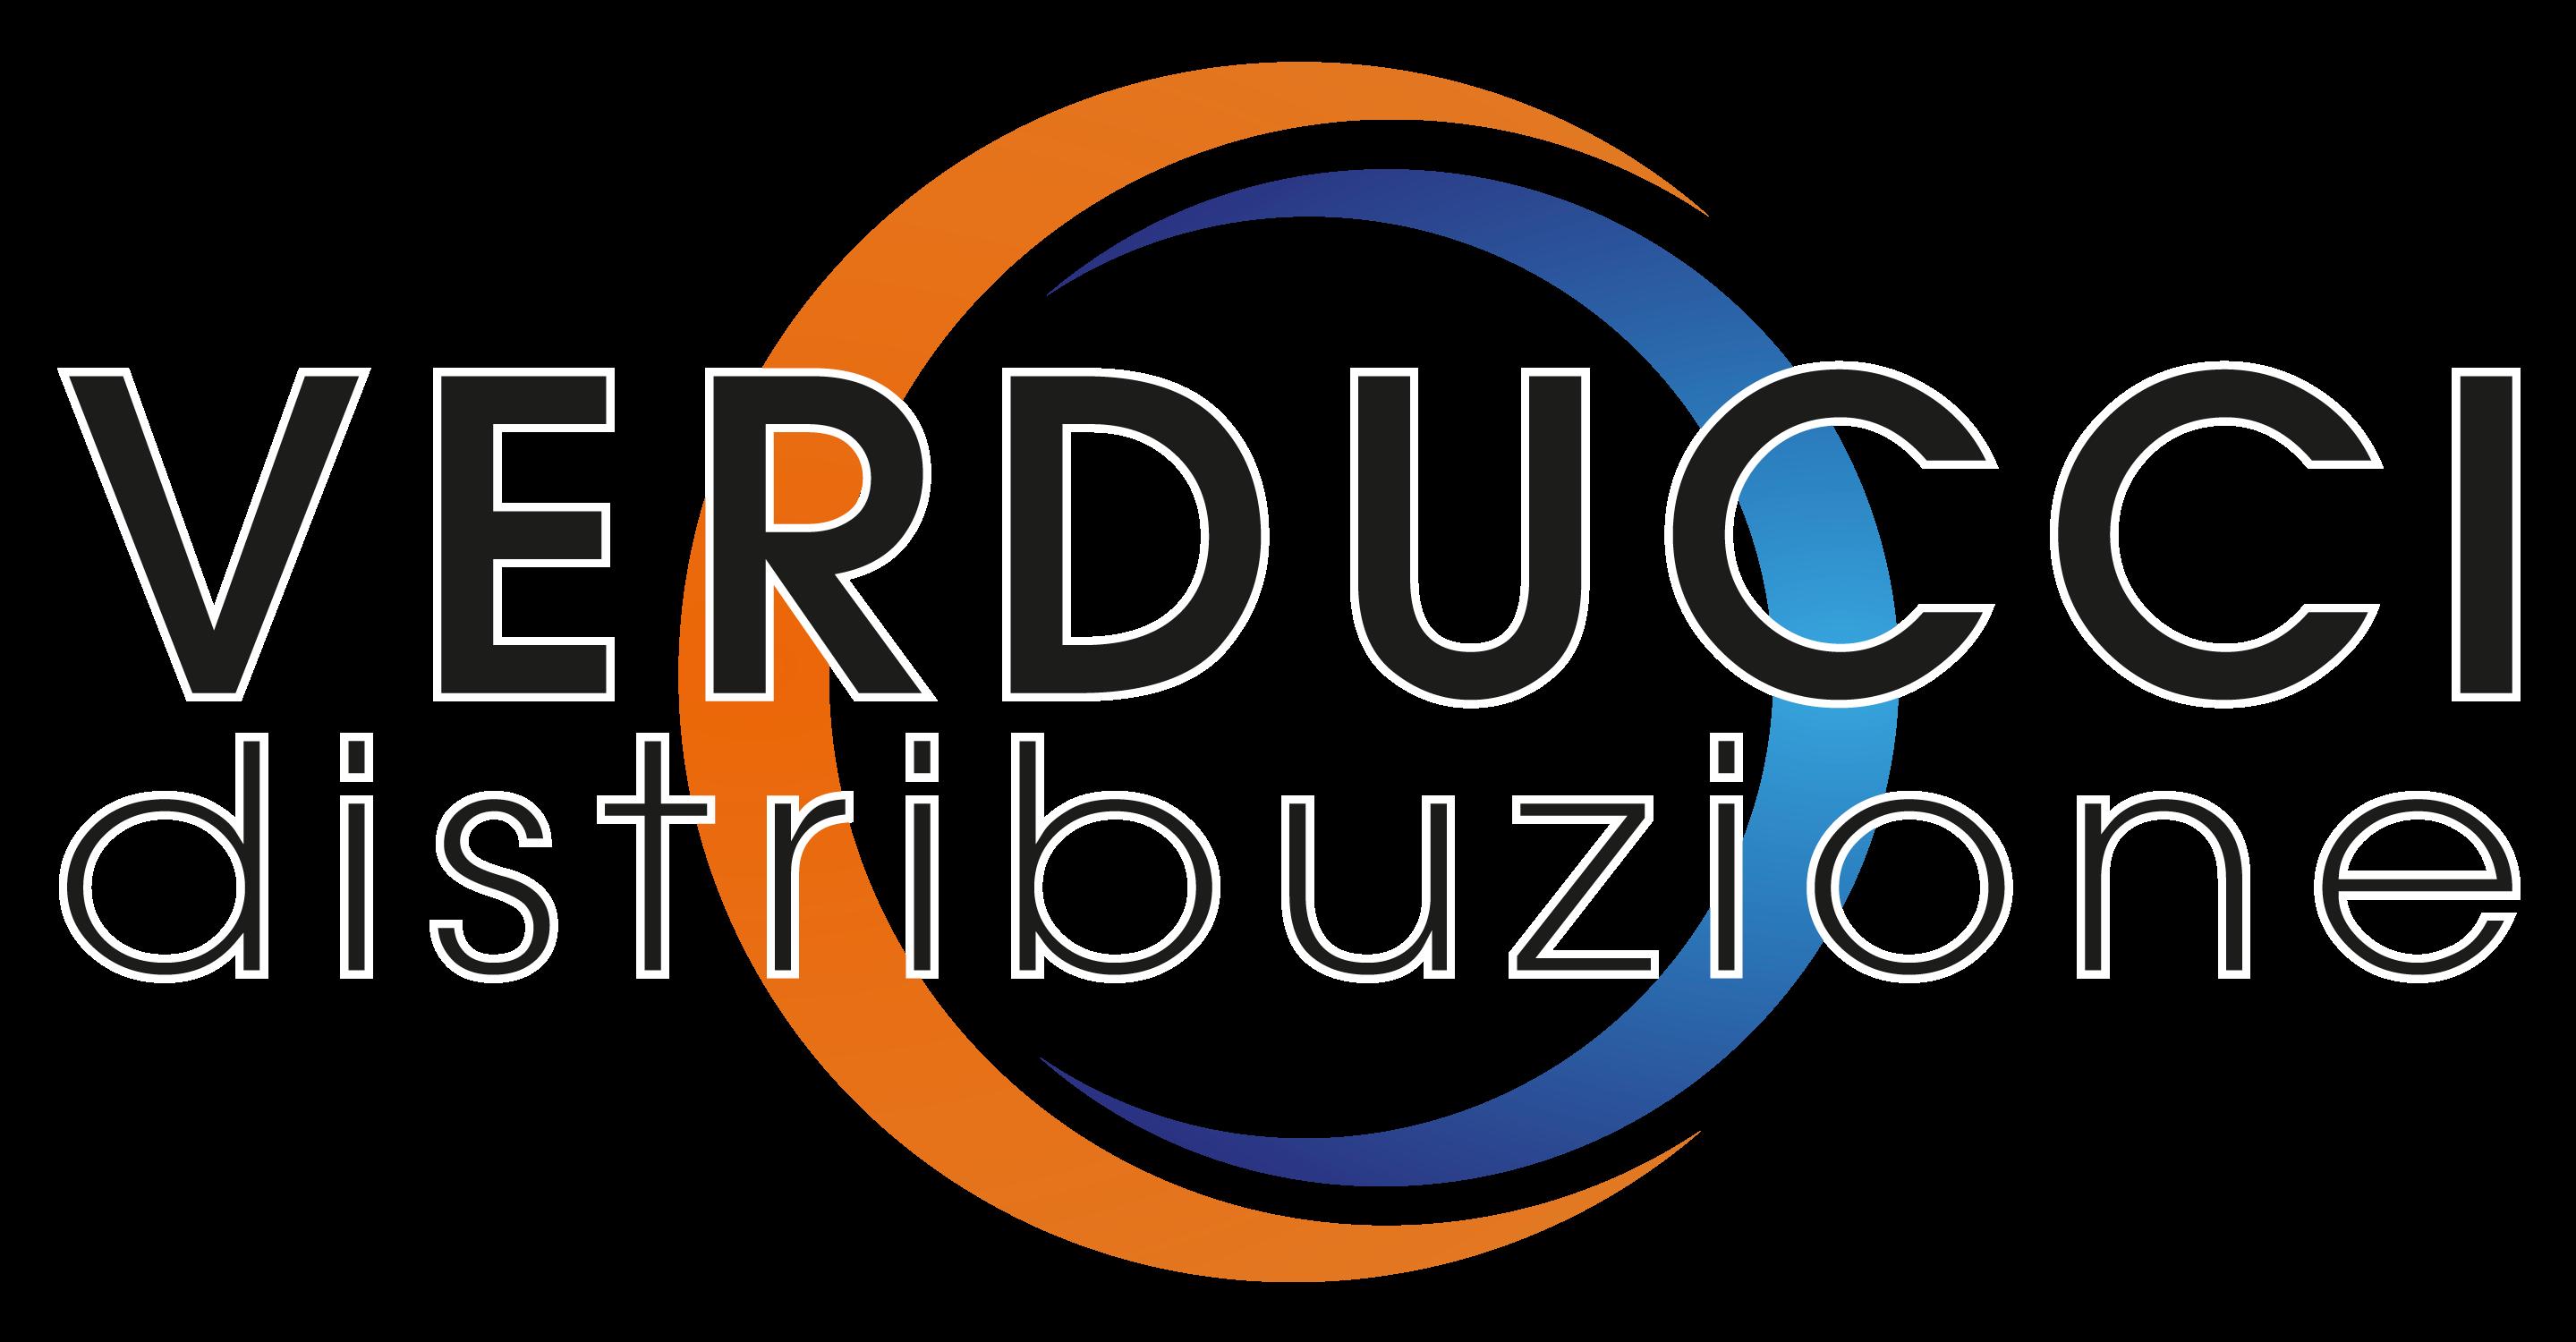 Logo-Verducci-distribuzione